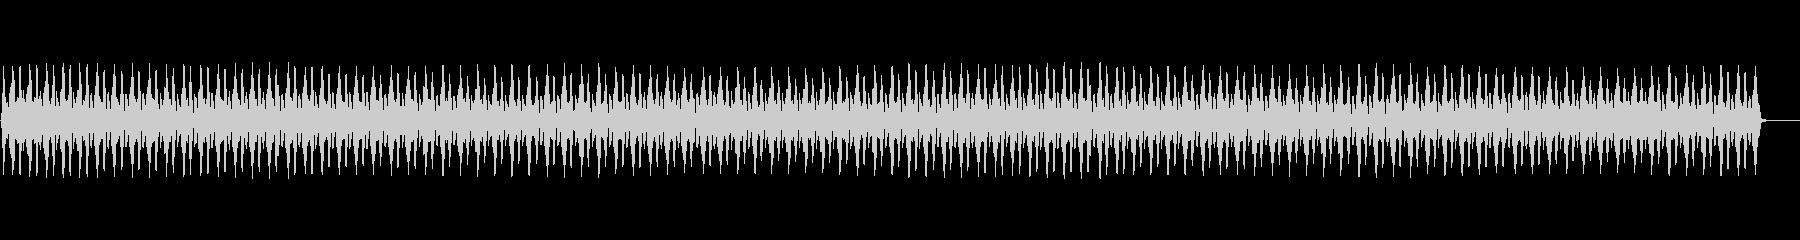 カーアラームオフ、自動アラームの未再生の波形